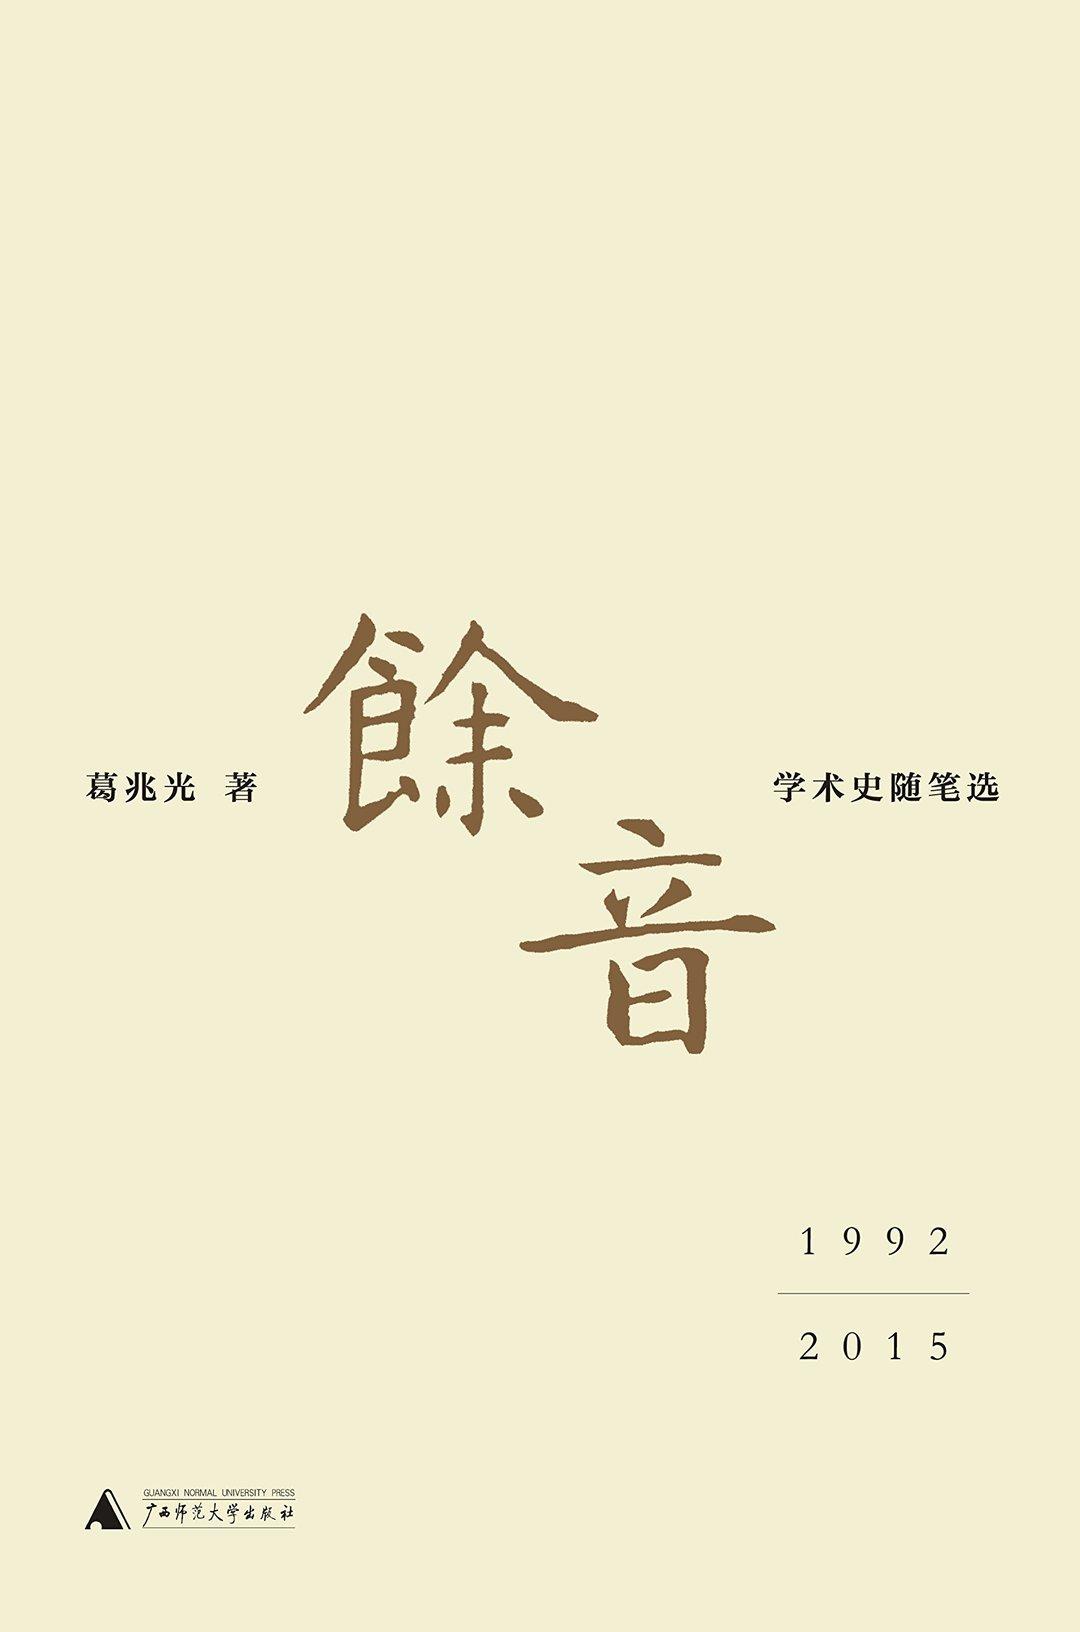 年轻人、中国还有历史,葛兆光跟我们聊了聊这些大话题_文化_好奇心日报